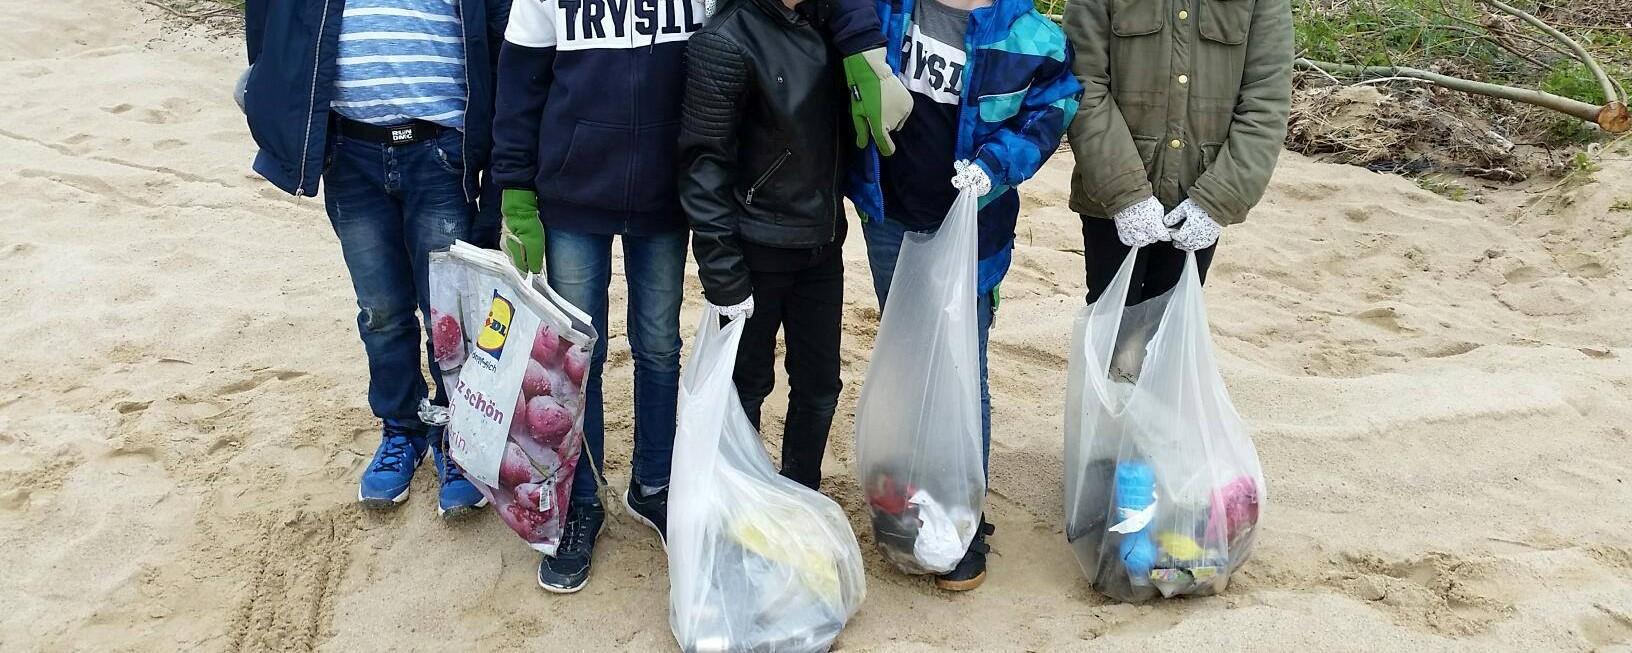 Müllsammeln am Strand